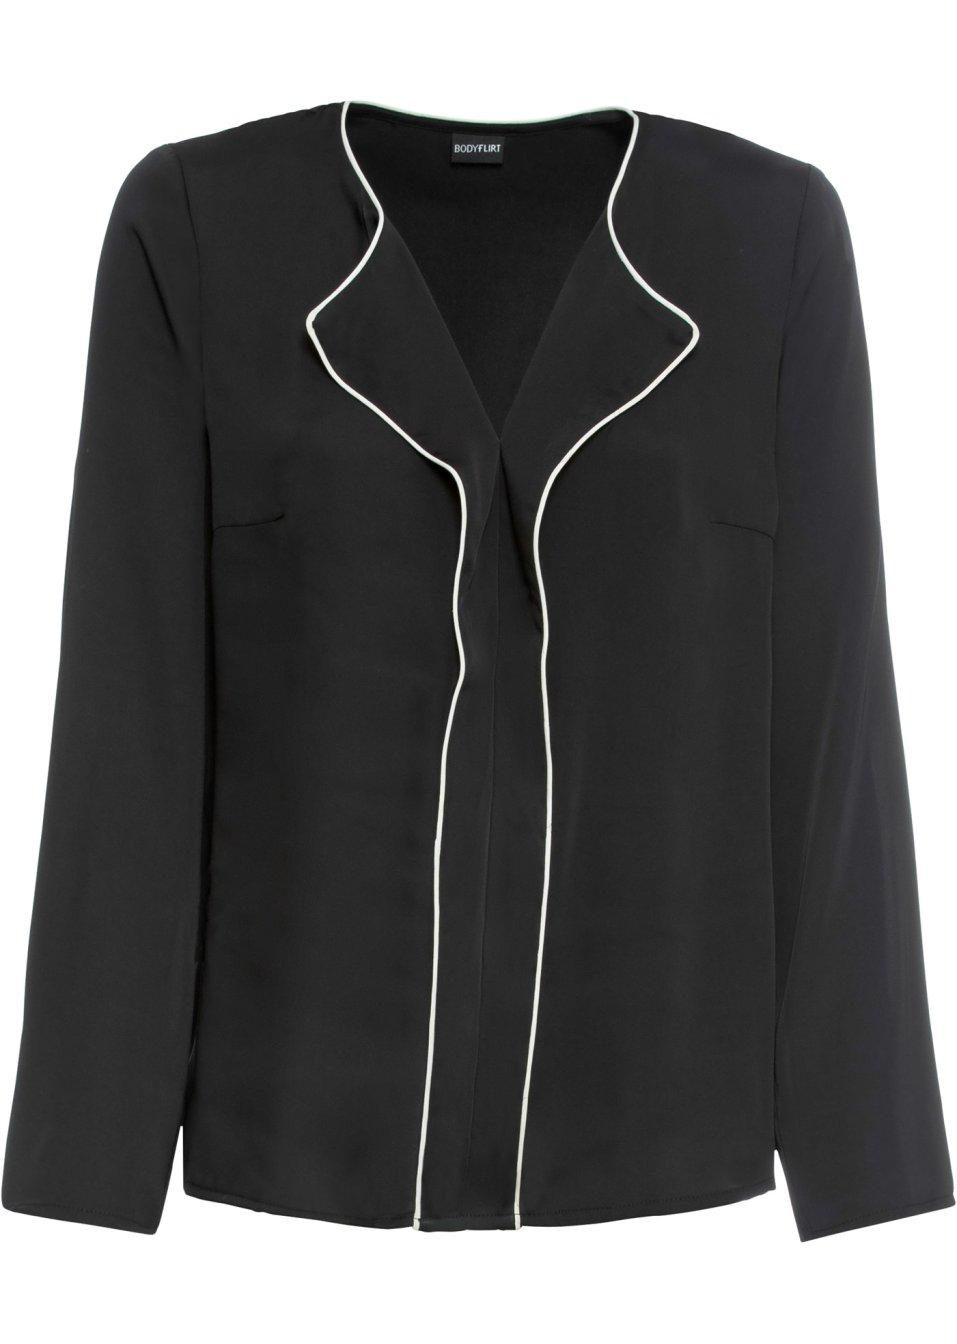 Modische Bluse in Glanz-Optik mit kontrastfarbigen Details - schwarz/wollweiß BU8gm OHYVP